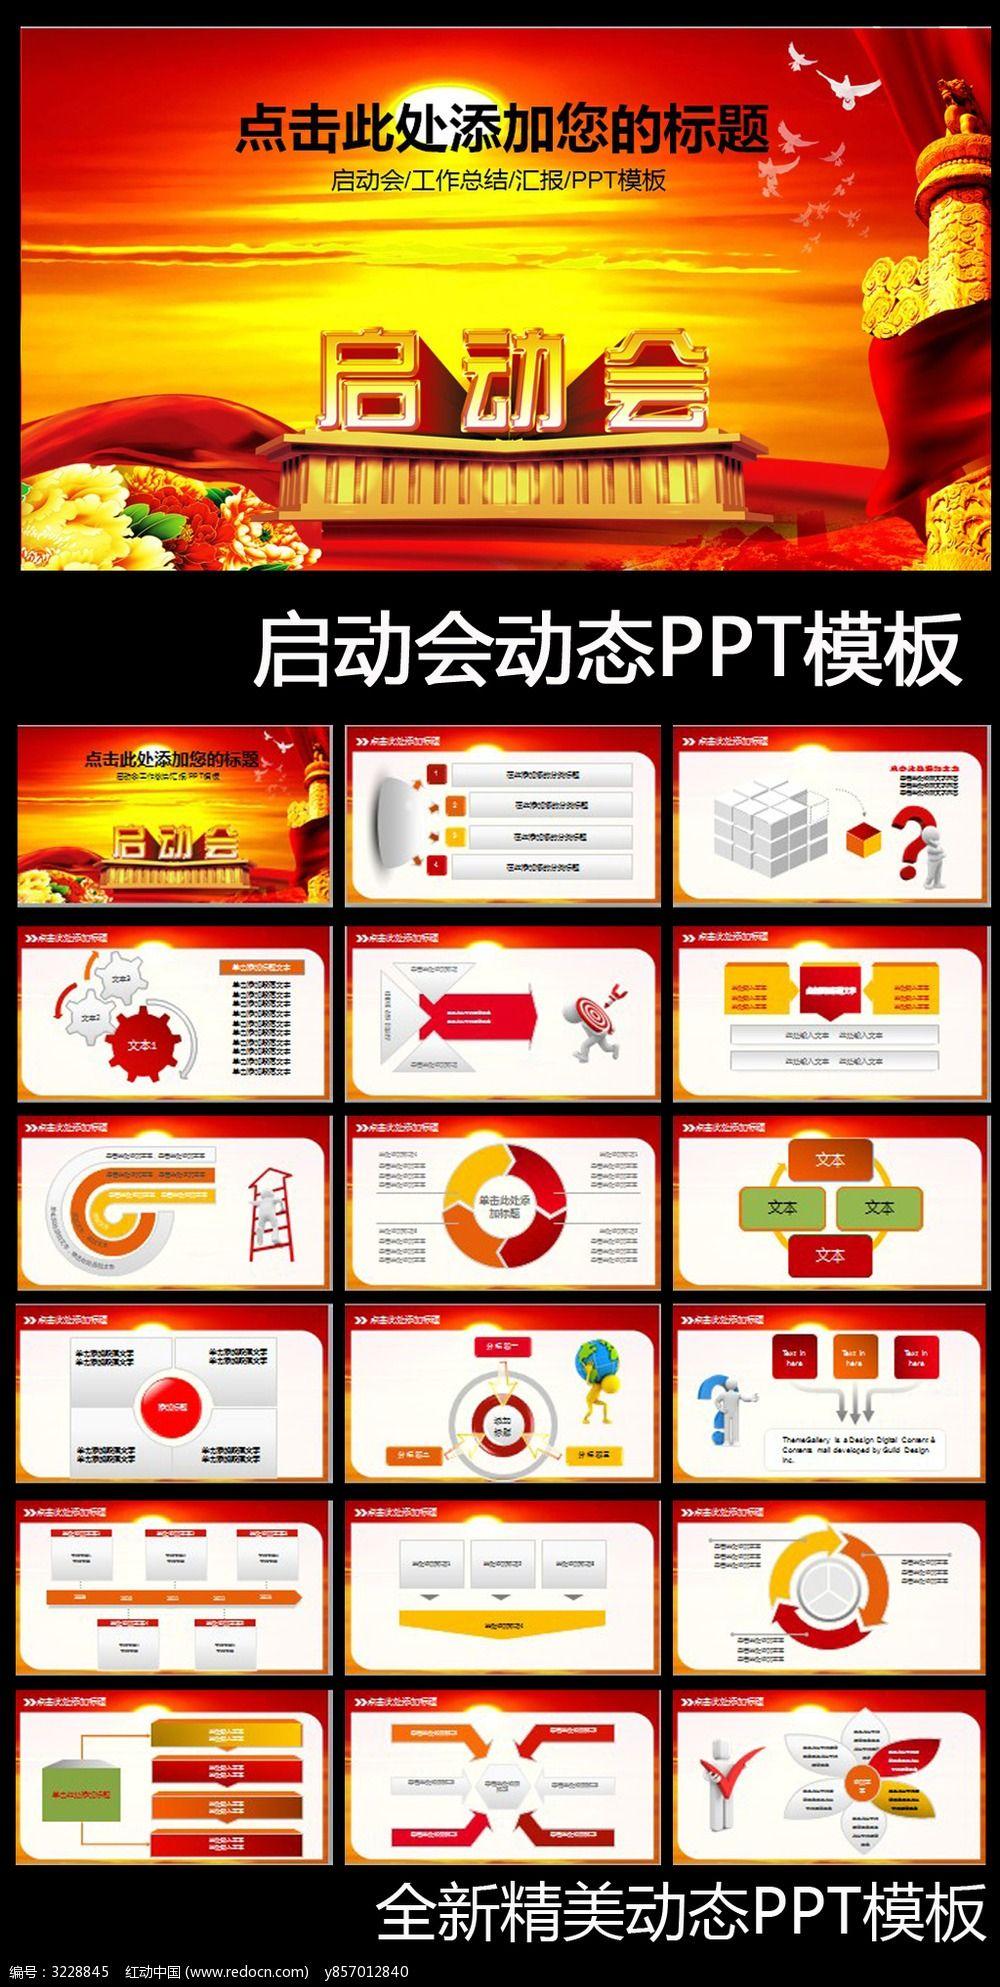 标签:启动会ppt模板 ppt ppt模板 模板 图片 背景 素材图片